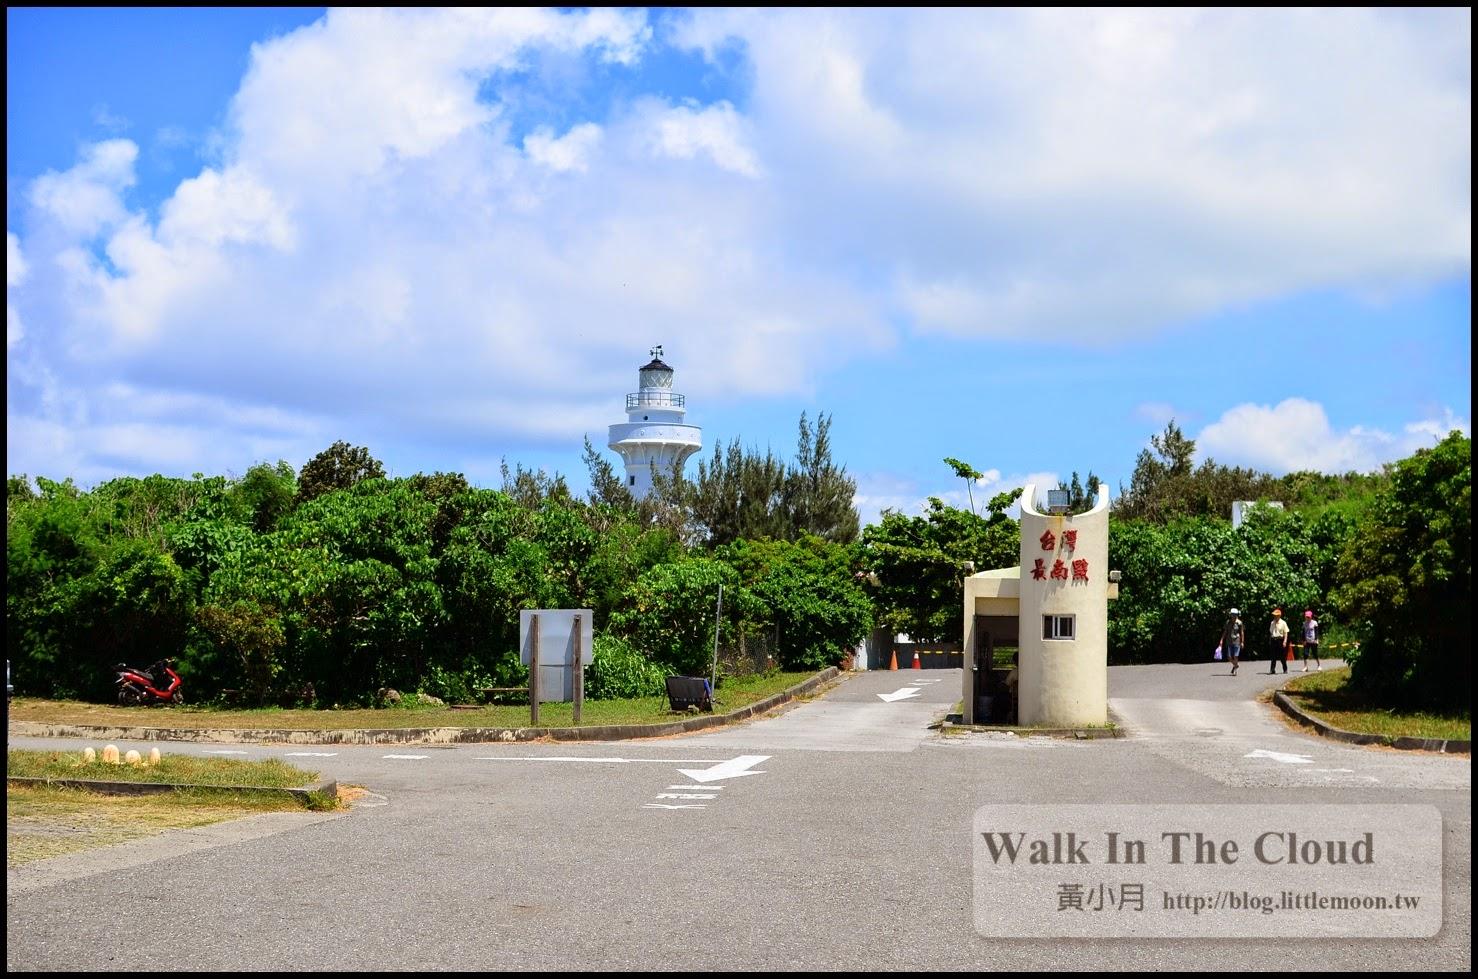 最南點停車場可看到燈塔!